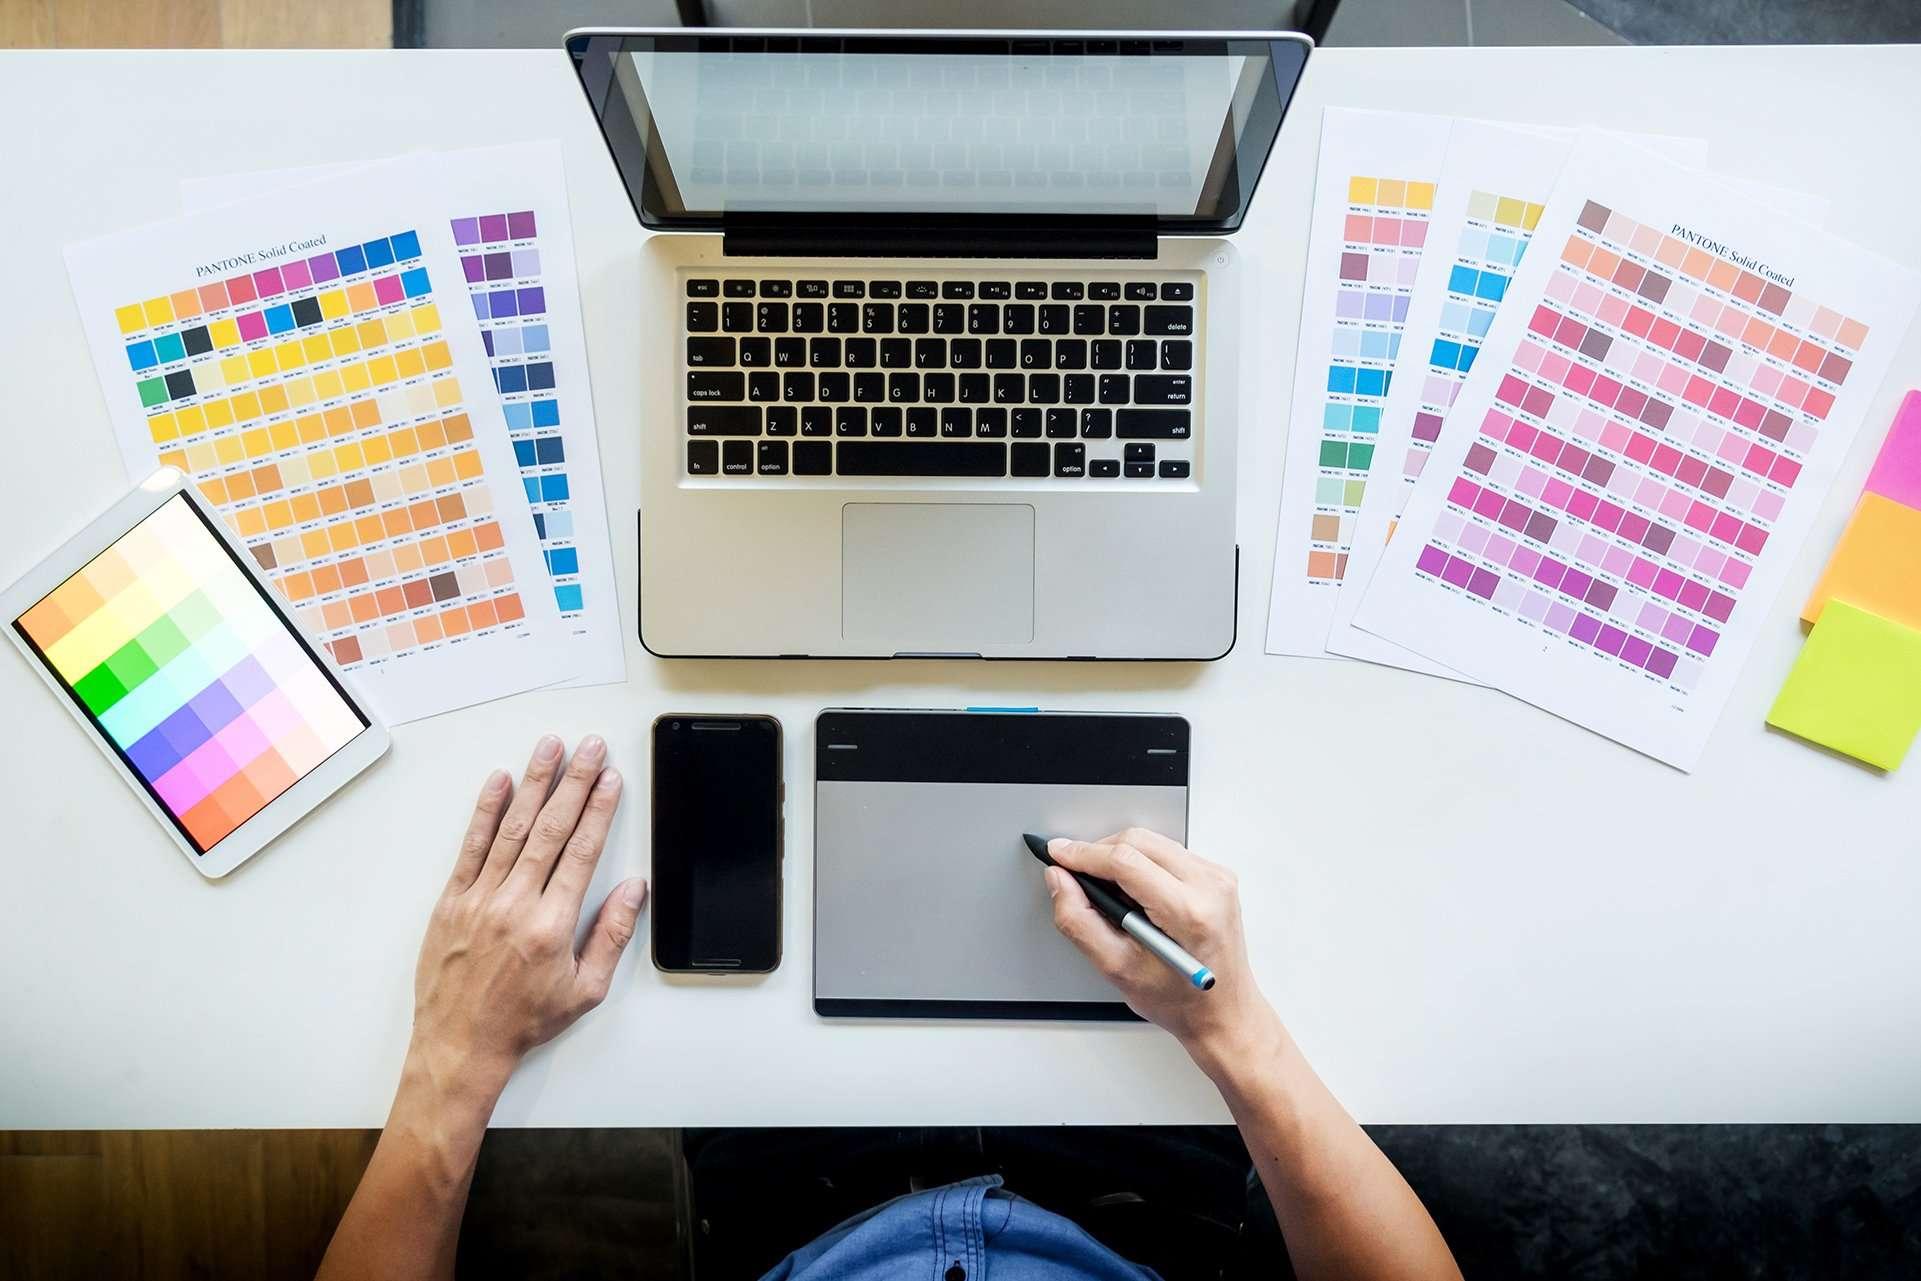 Design Gráfico: Saiba quais serão as tendências para os próximos anos